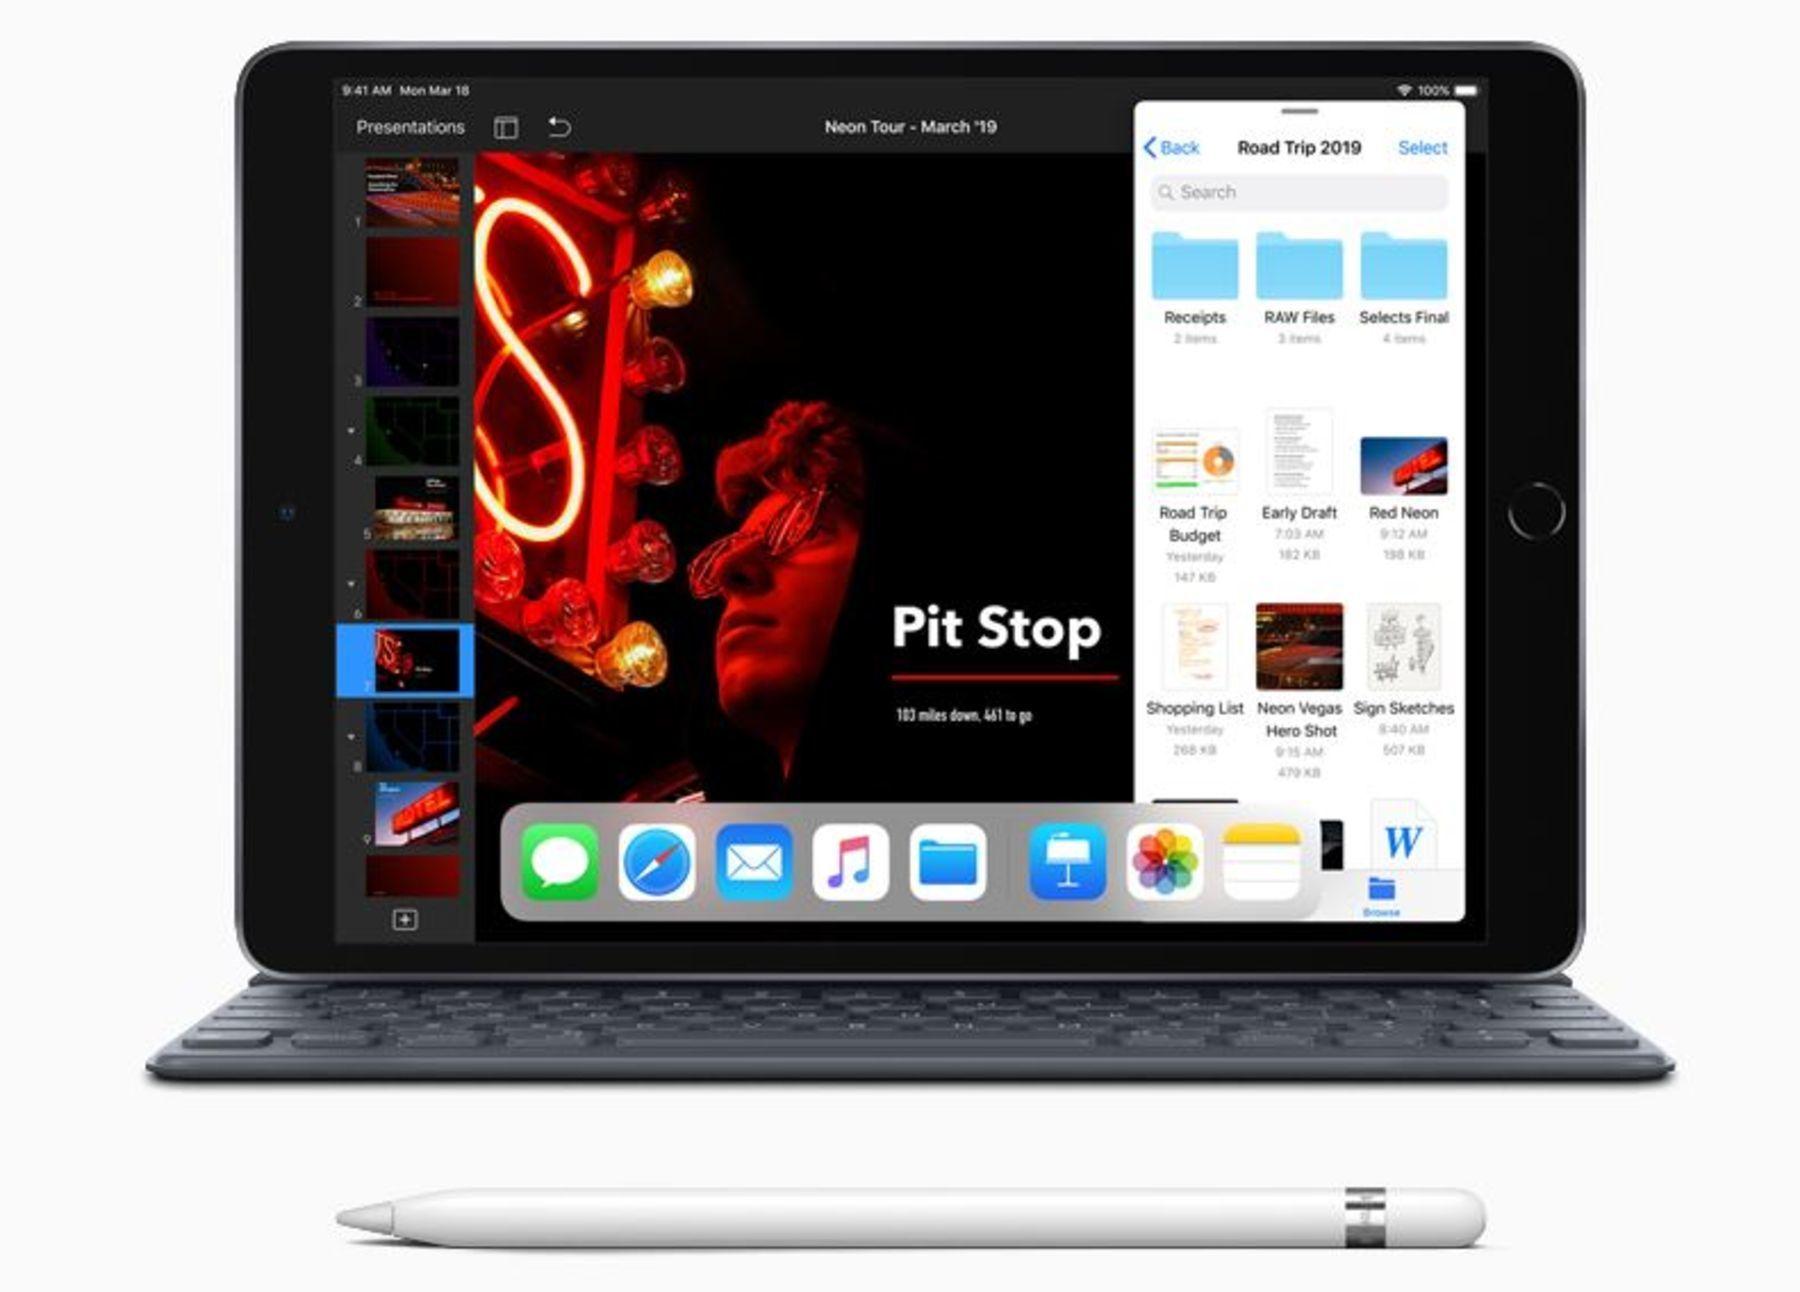 新款iPad要配旧款Apple Pencil 苹果为何要这样做呢?的照片 - 2